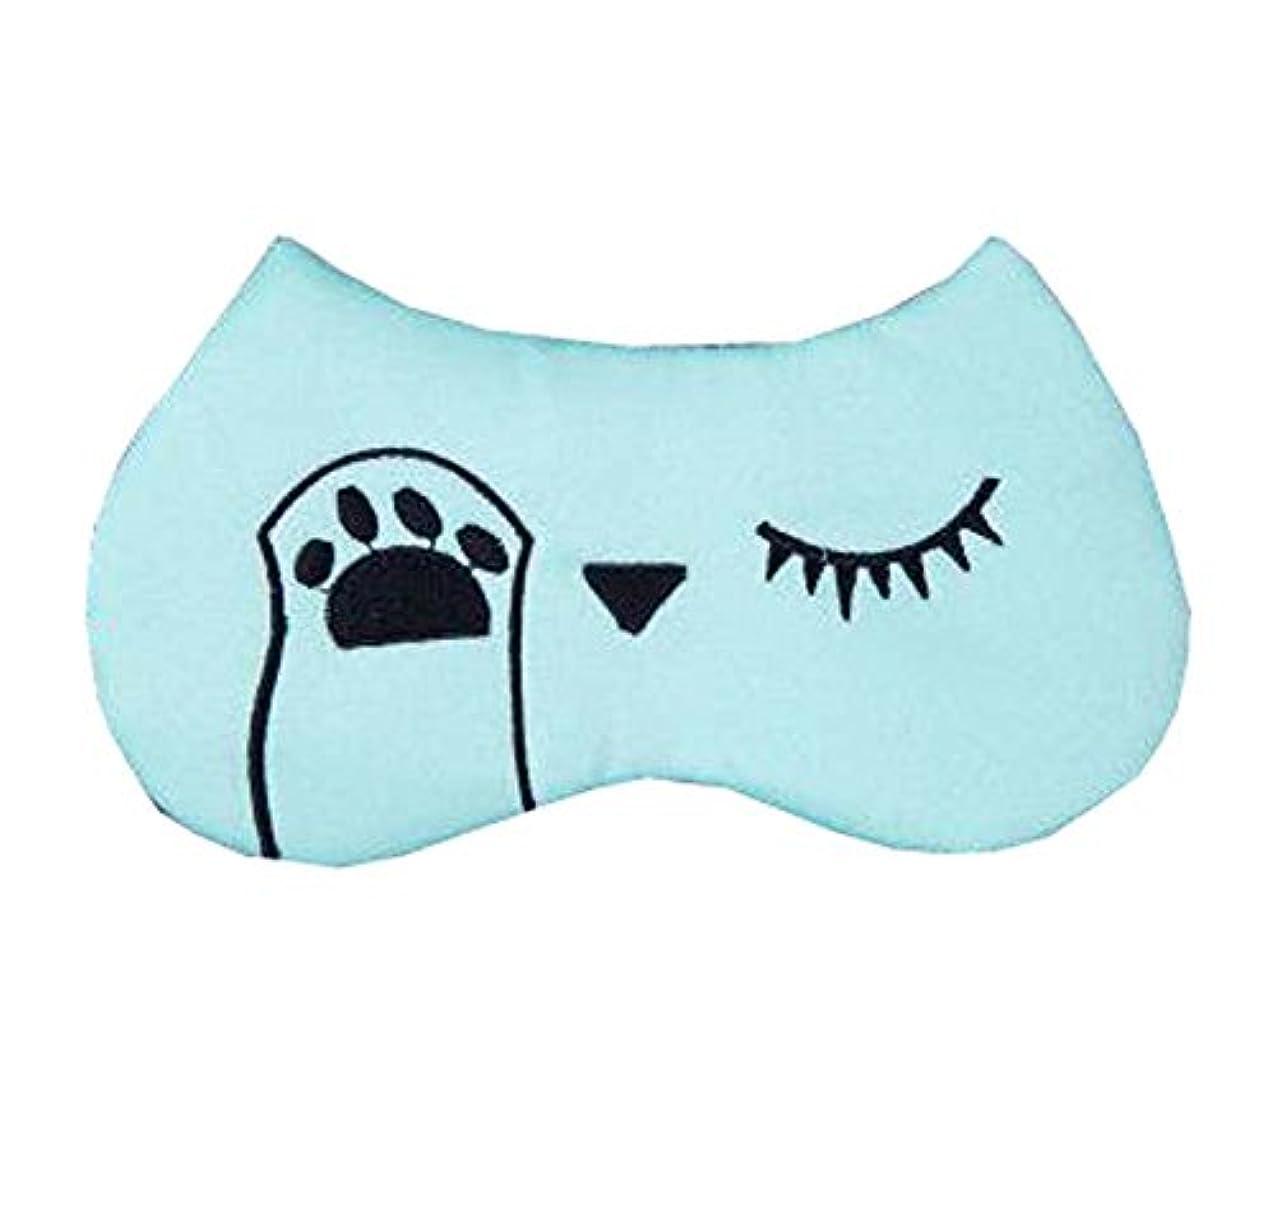 非公式イーウェル大臣おかしい目のパターンアイマスクトラベルアイマスク睡眠マスク、ブルー